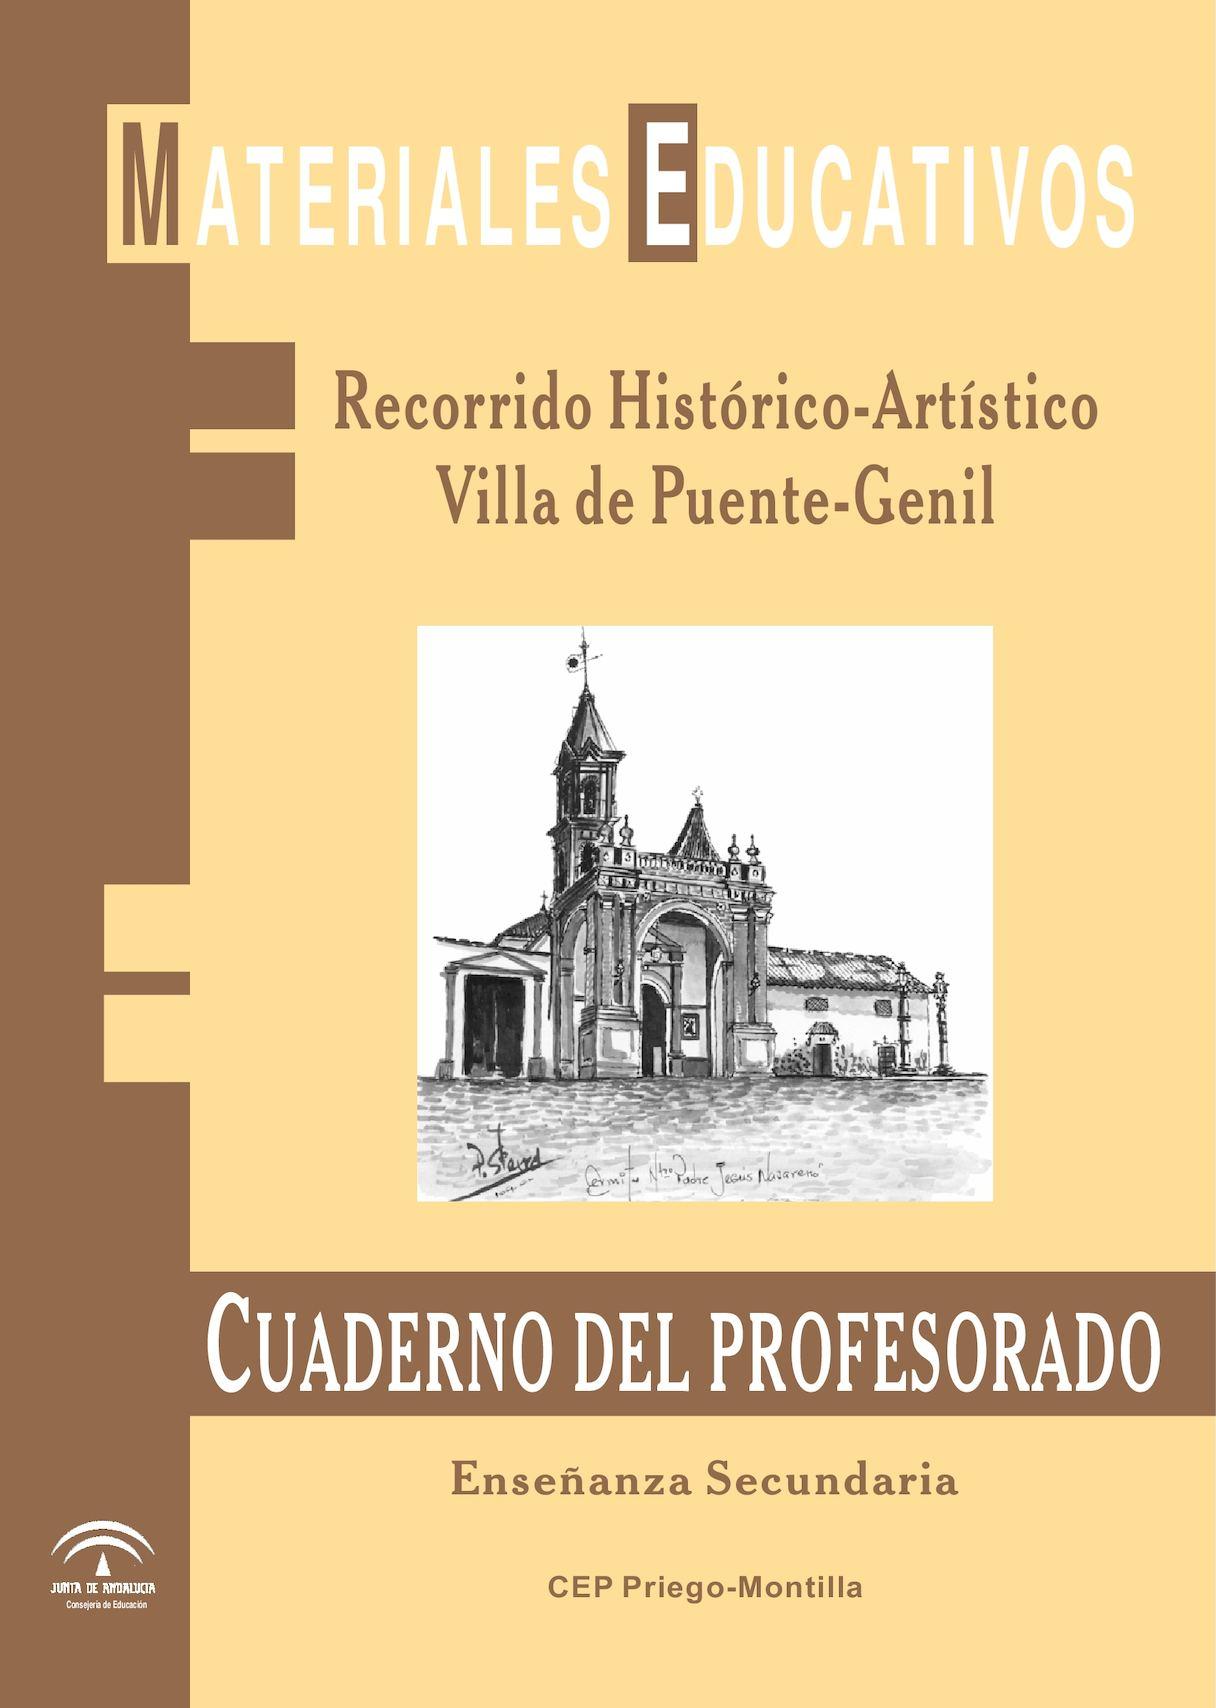 Calaméo - Recorrido Histórico-Artístico Villa de Puente Genil